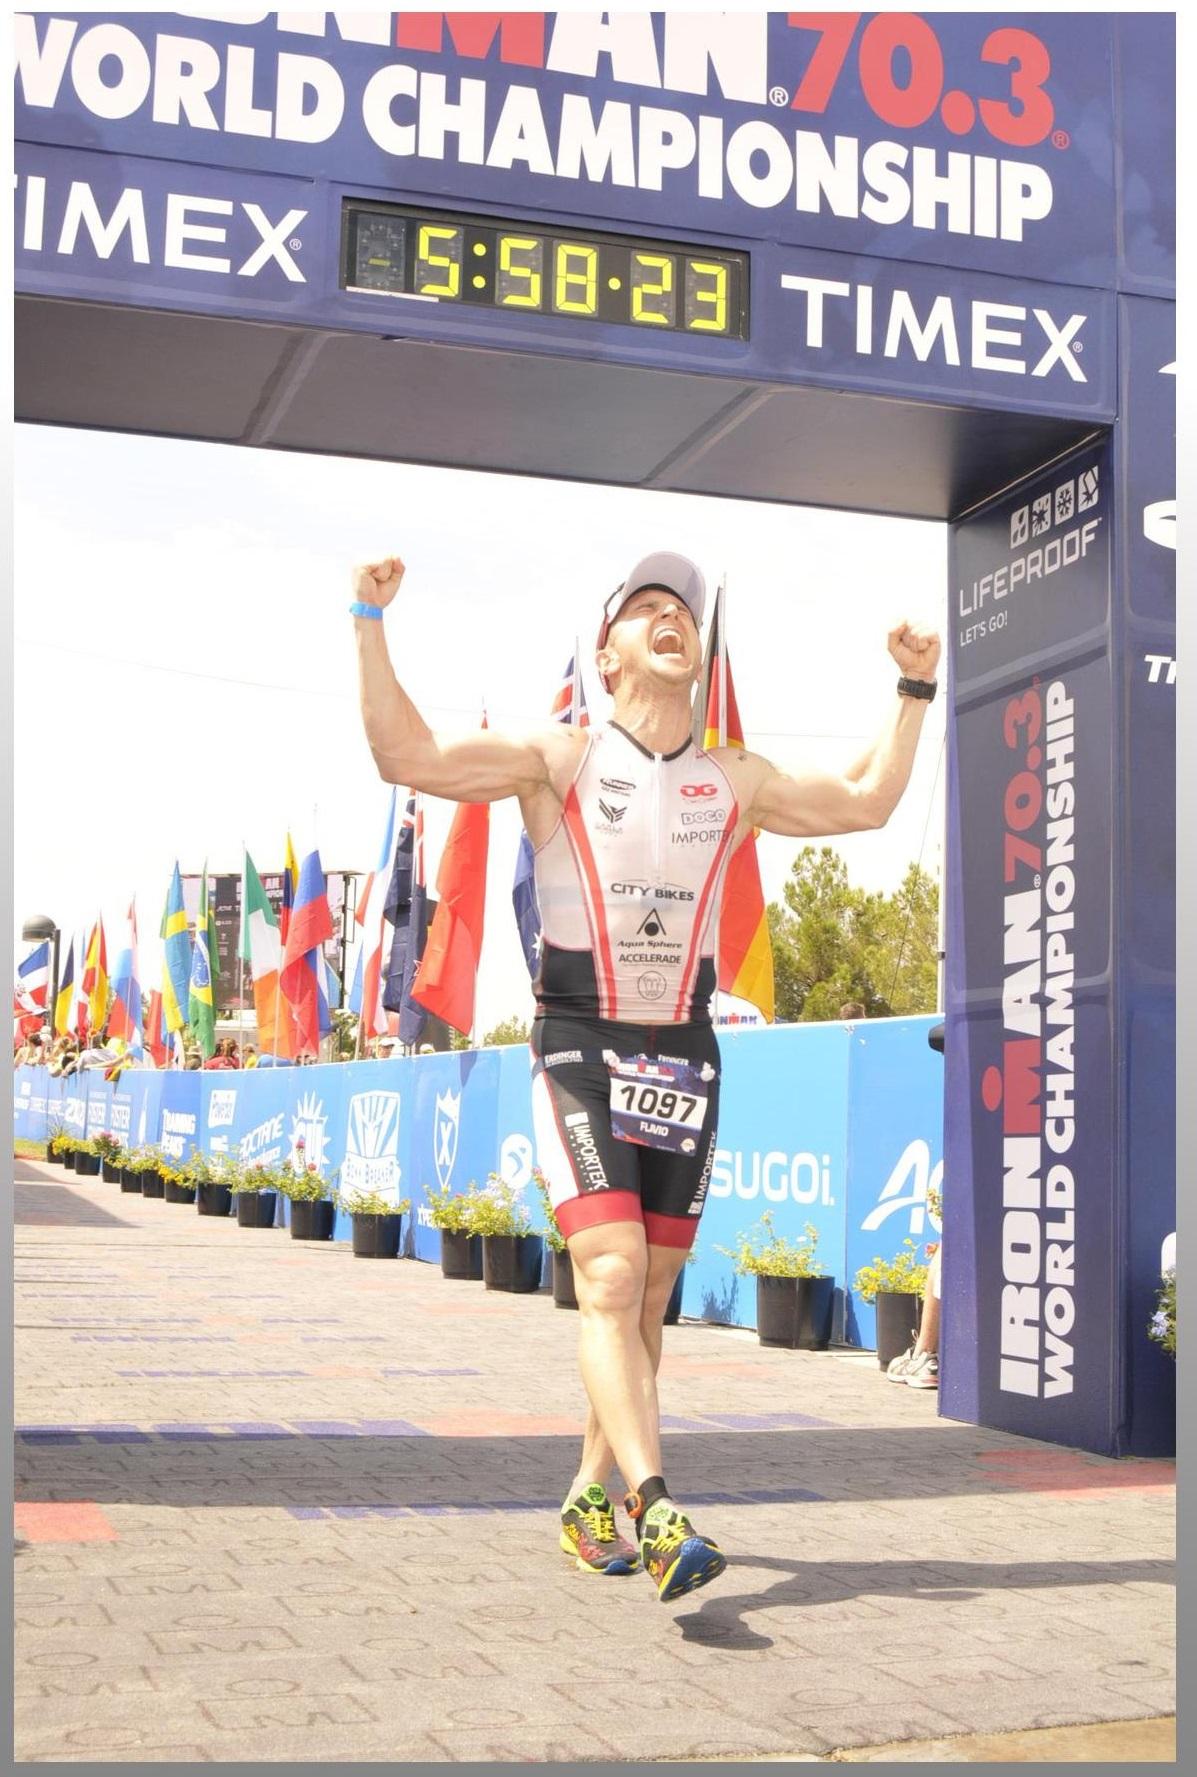 Chagada Emocionante de Flavio Jose no Mundial de Ironman 70.3 em Las Vegas